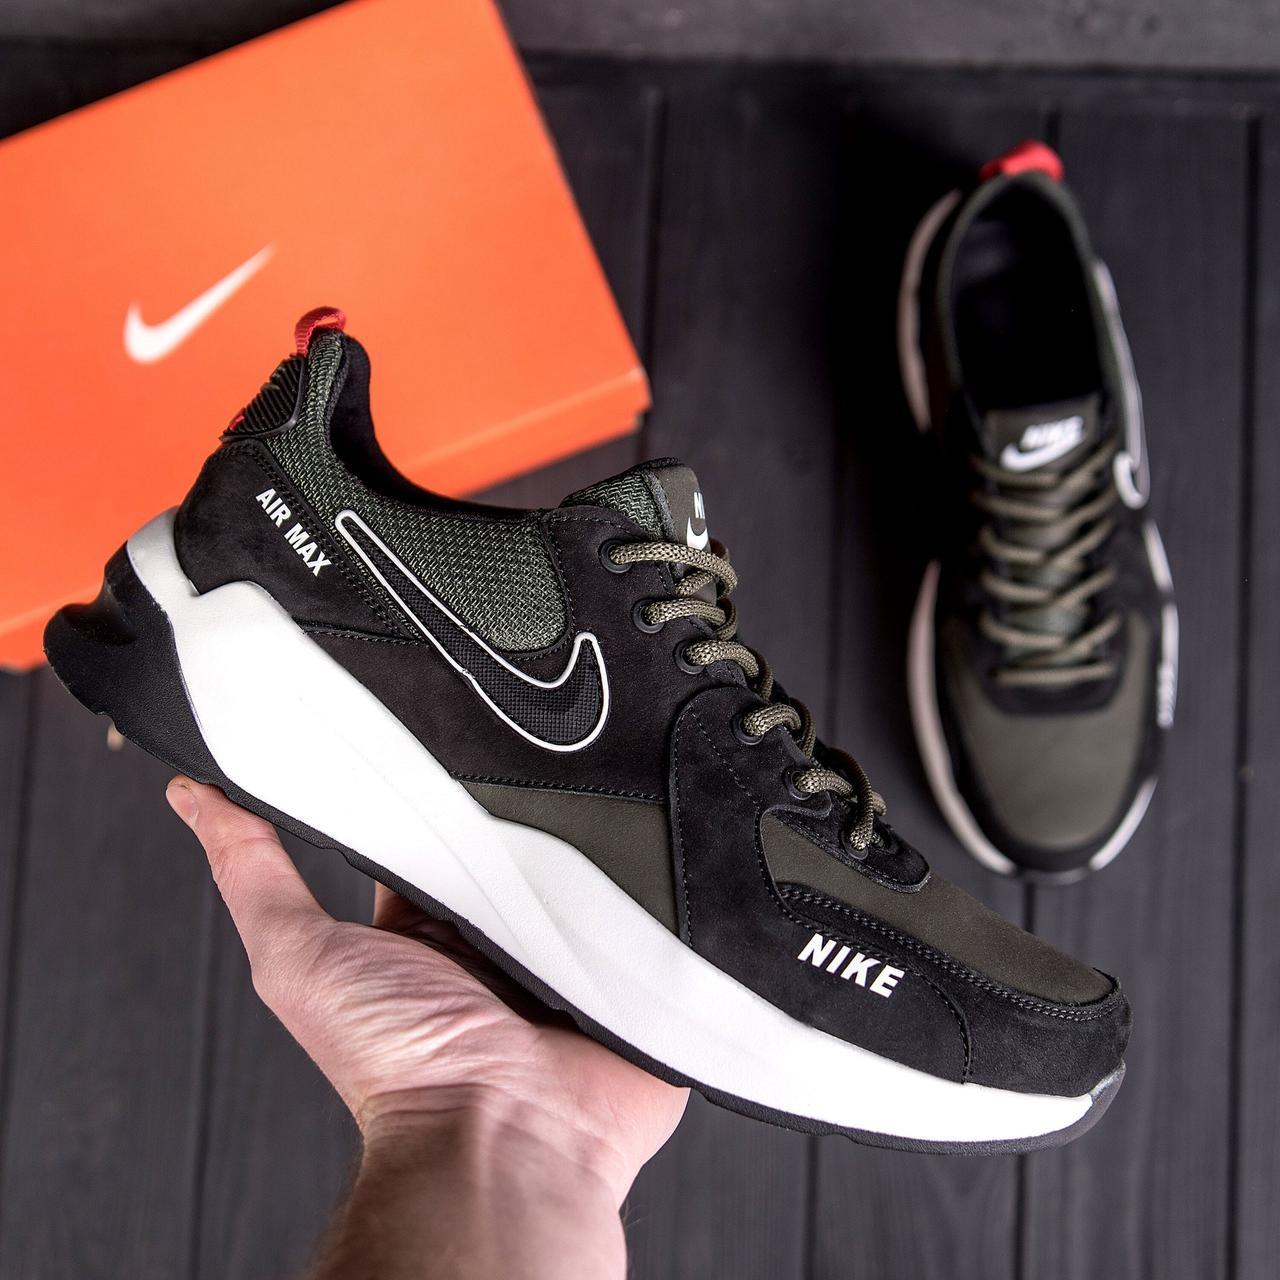 Чоловічі шкіряні кросівки nike чорно-оливкові з білою підошвою